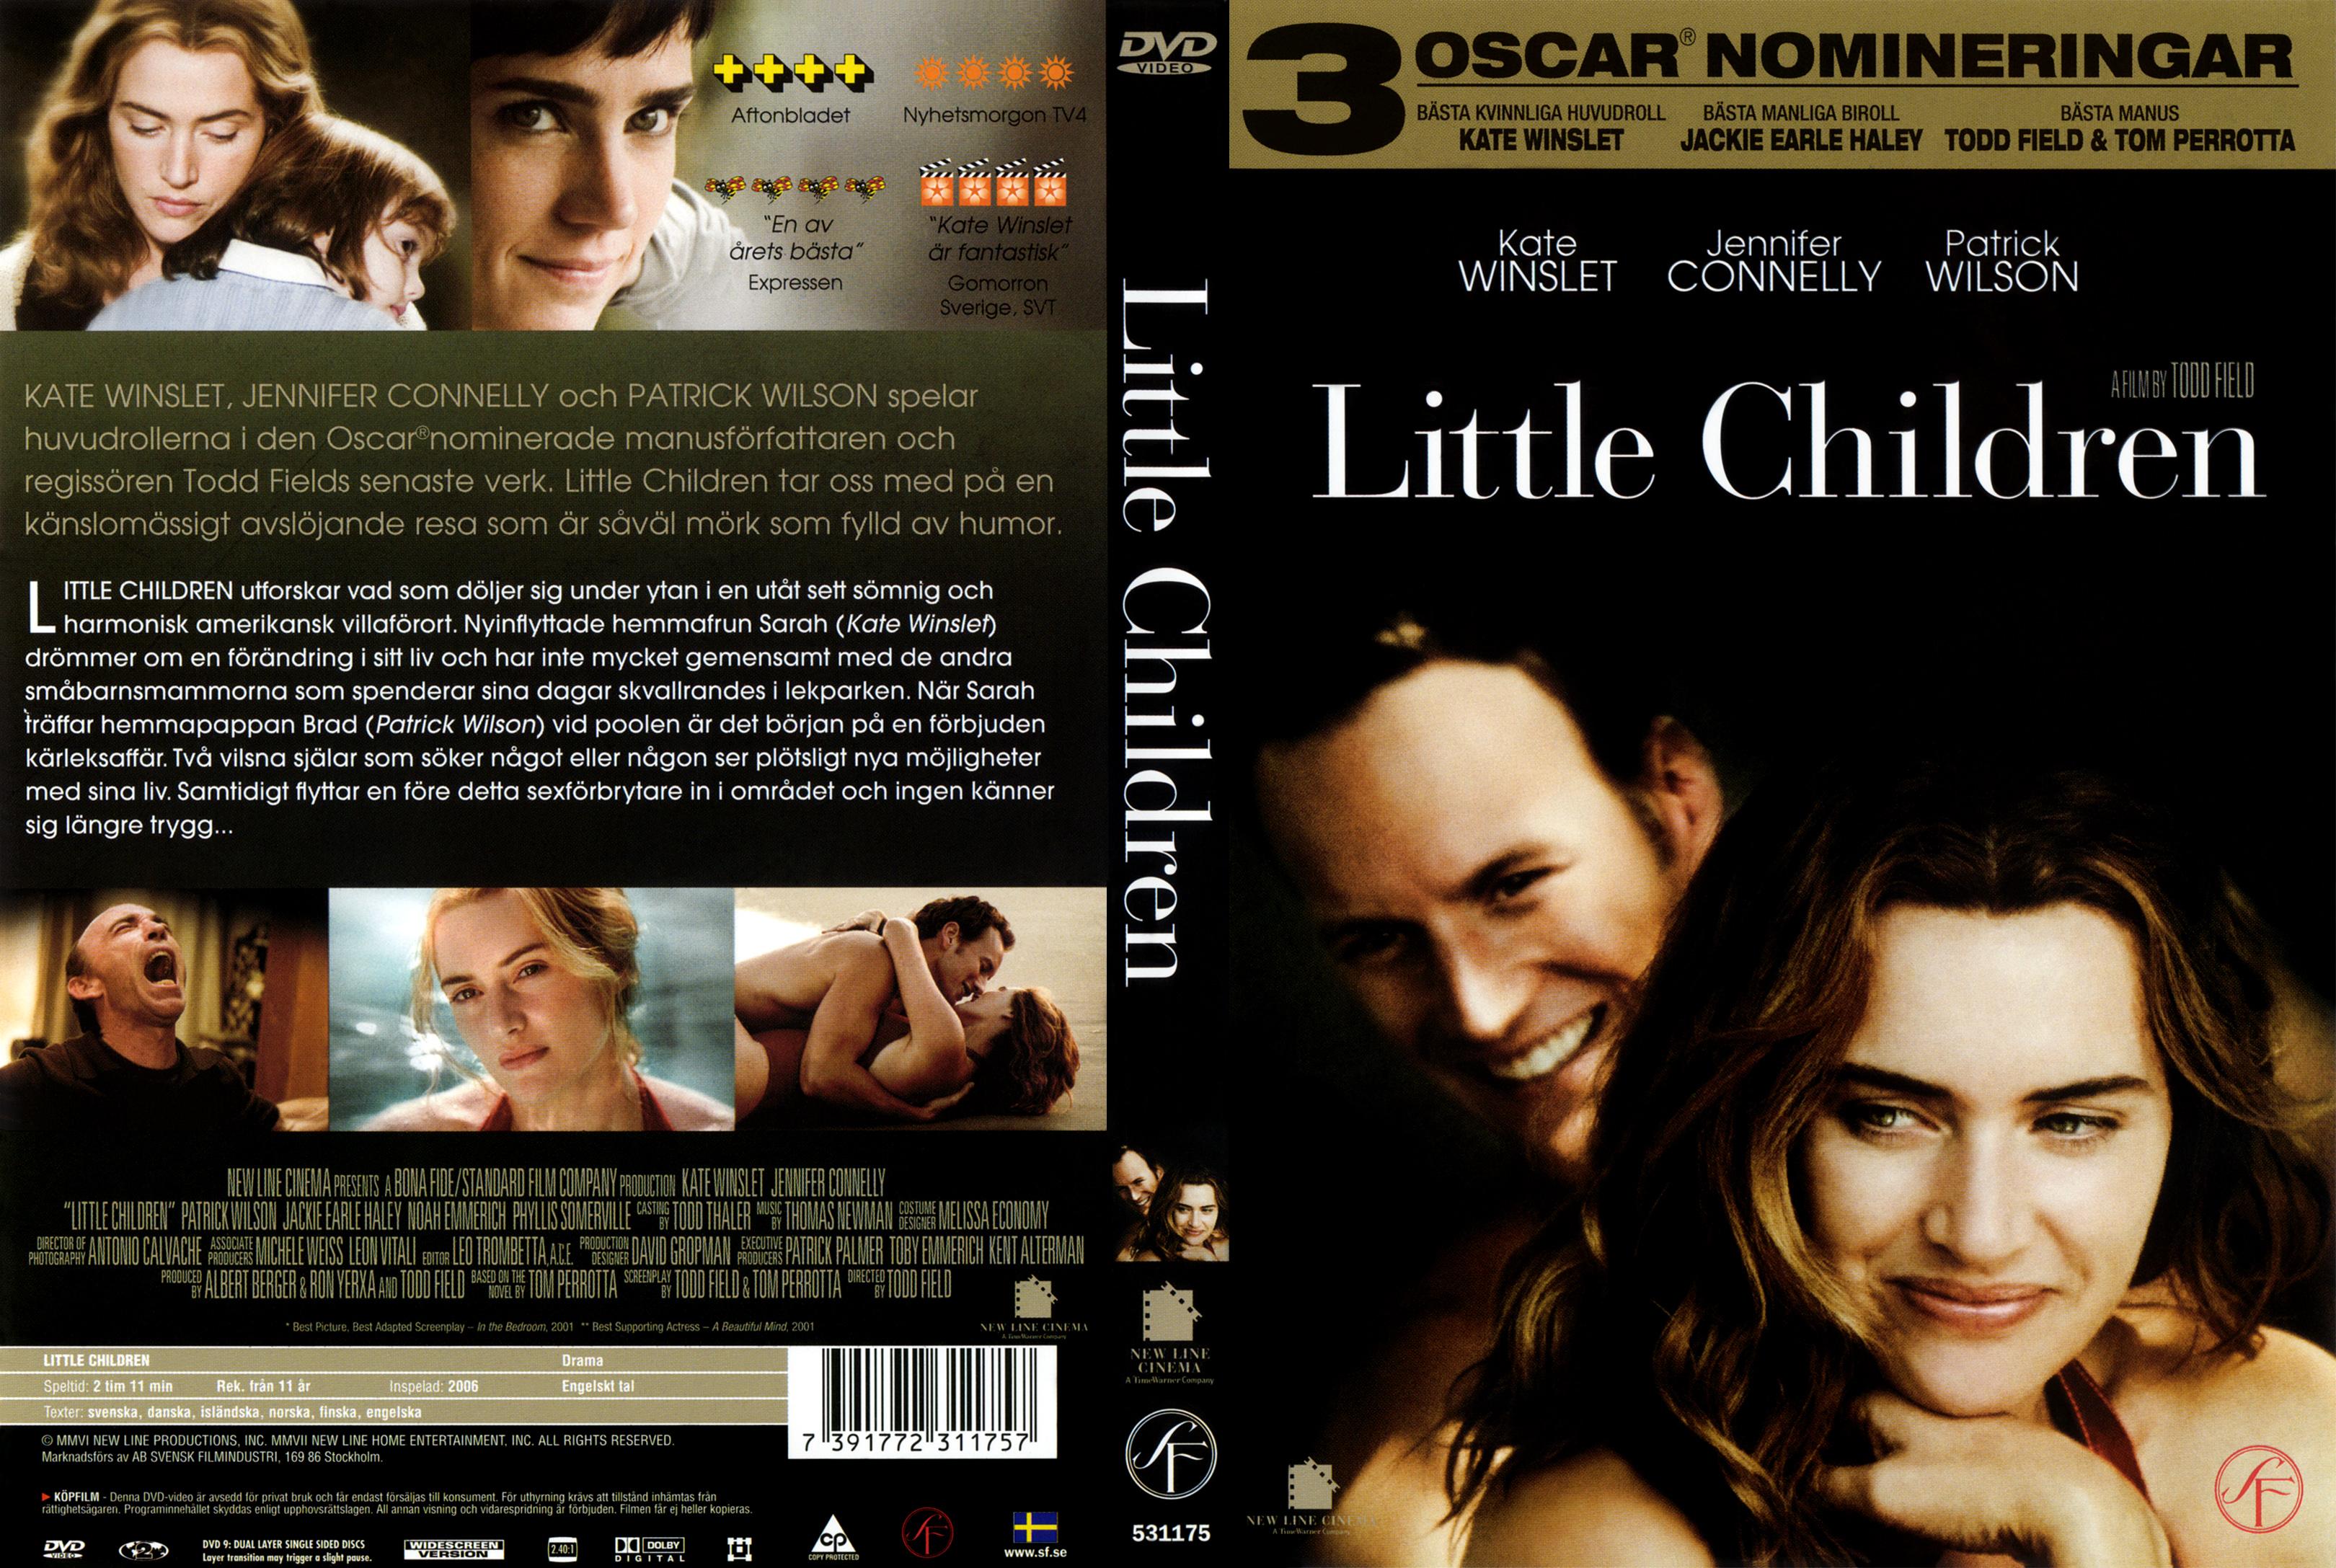 Little Children Movie COVERS.BOX.SK ::: Litt...